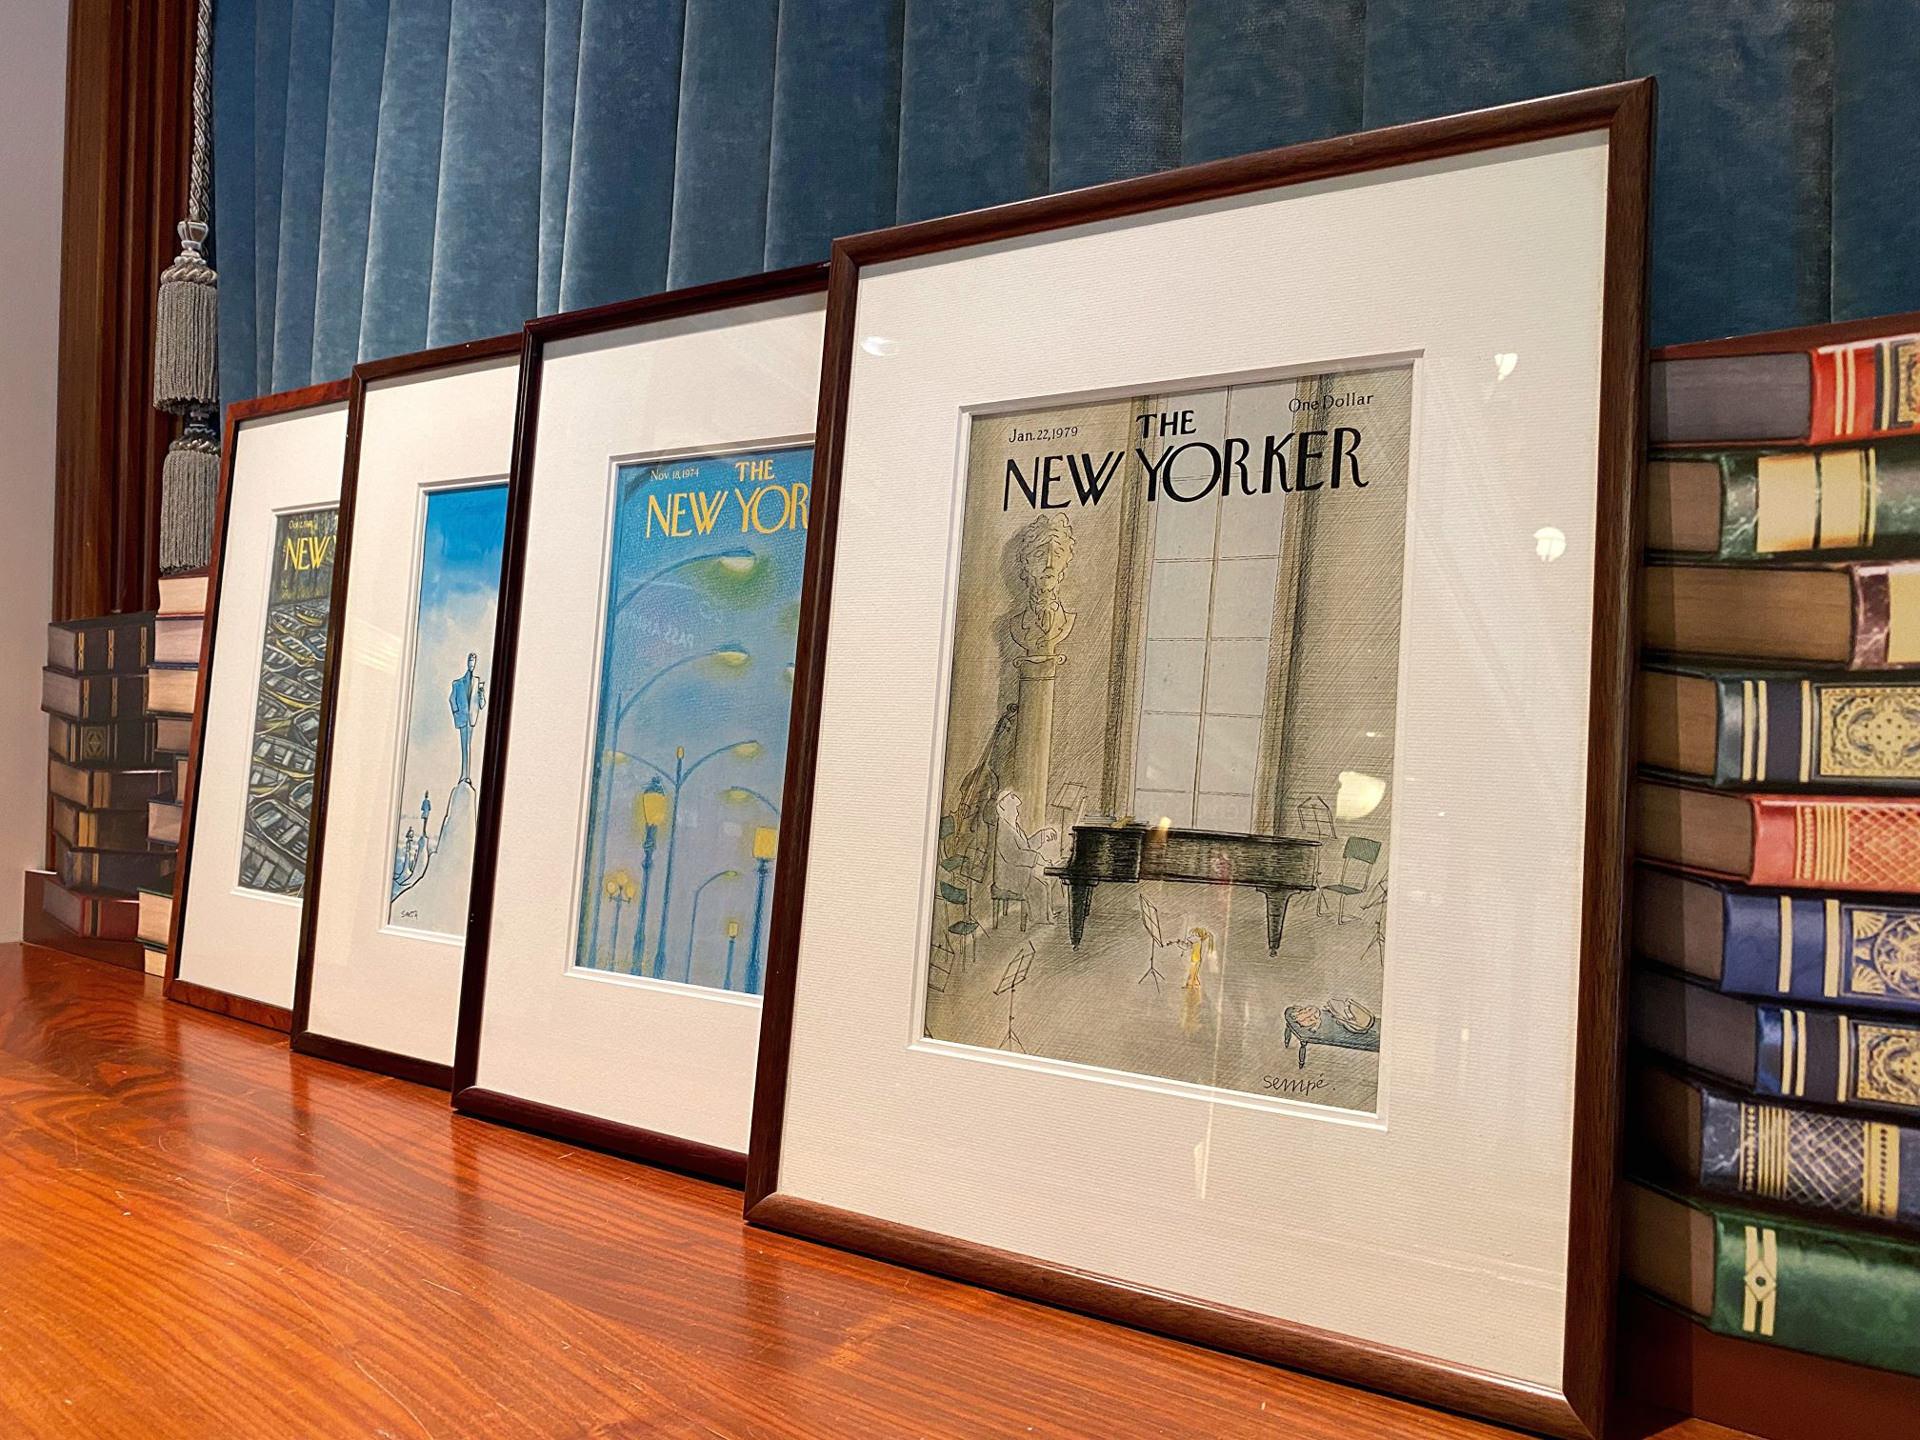 vente exclusive de tableaux présents dans le Disney's Hotel New York de 1992 à 2019